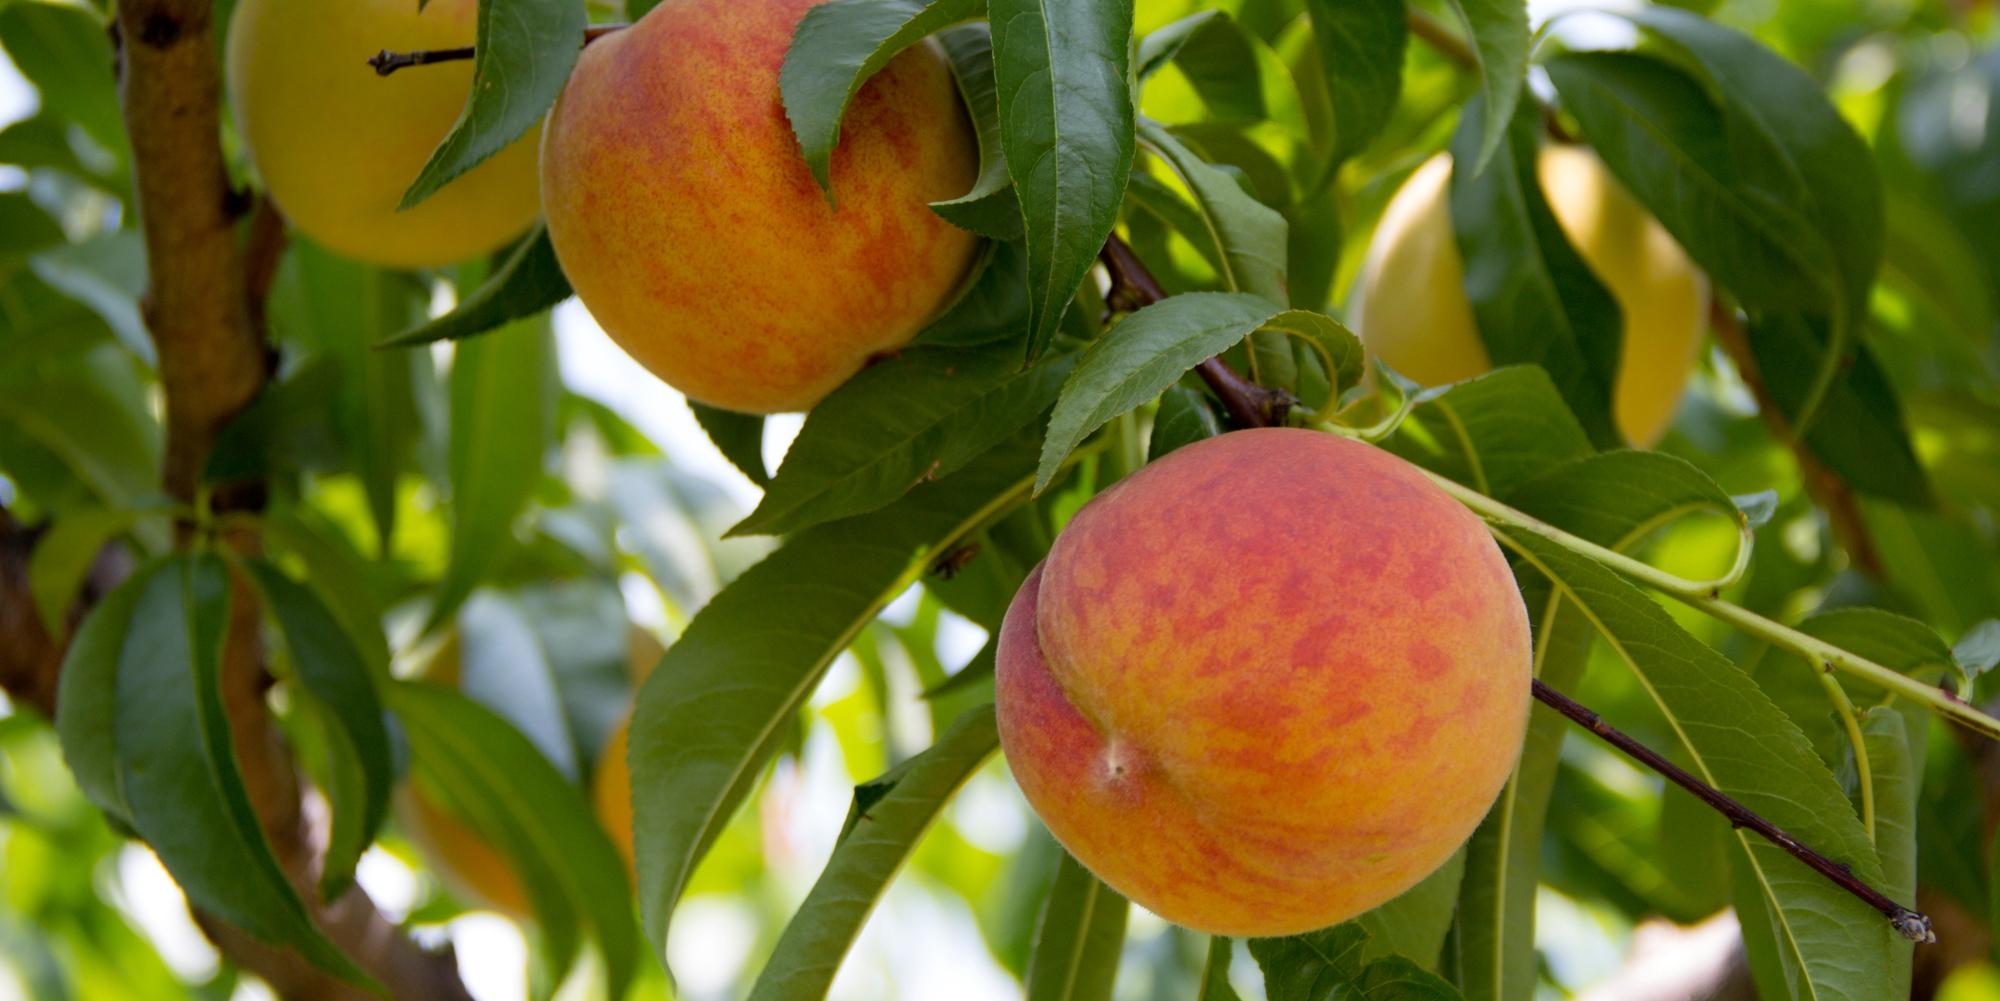 Nila Sivatheesan Photo Ontario Peaches 2014-08-06